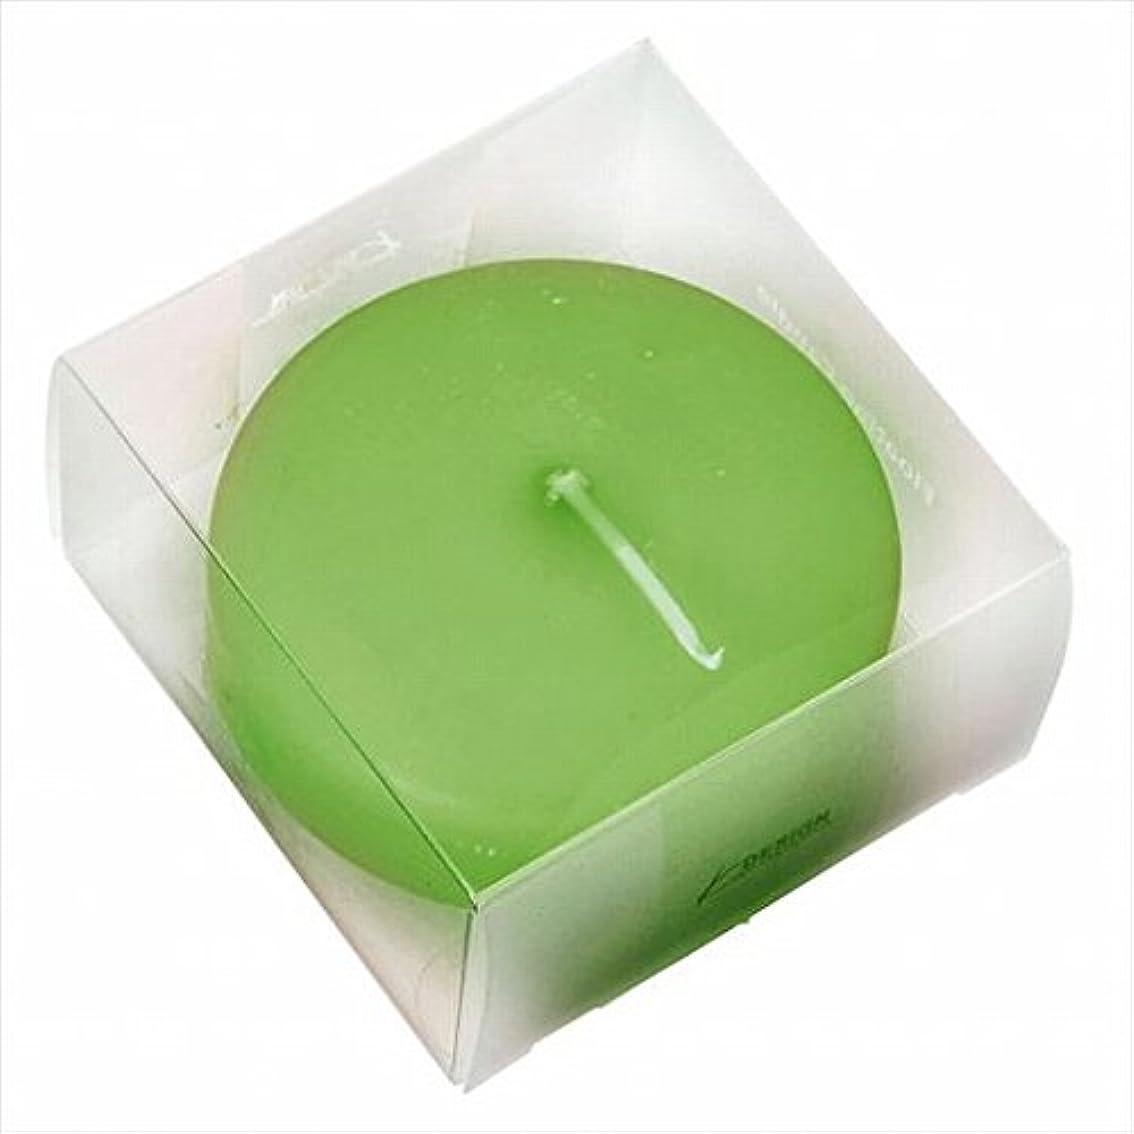 カメヤマキャンドル(kameyama candle) プール80(箱入り) 「 シャトレーゼ 」